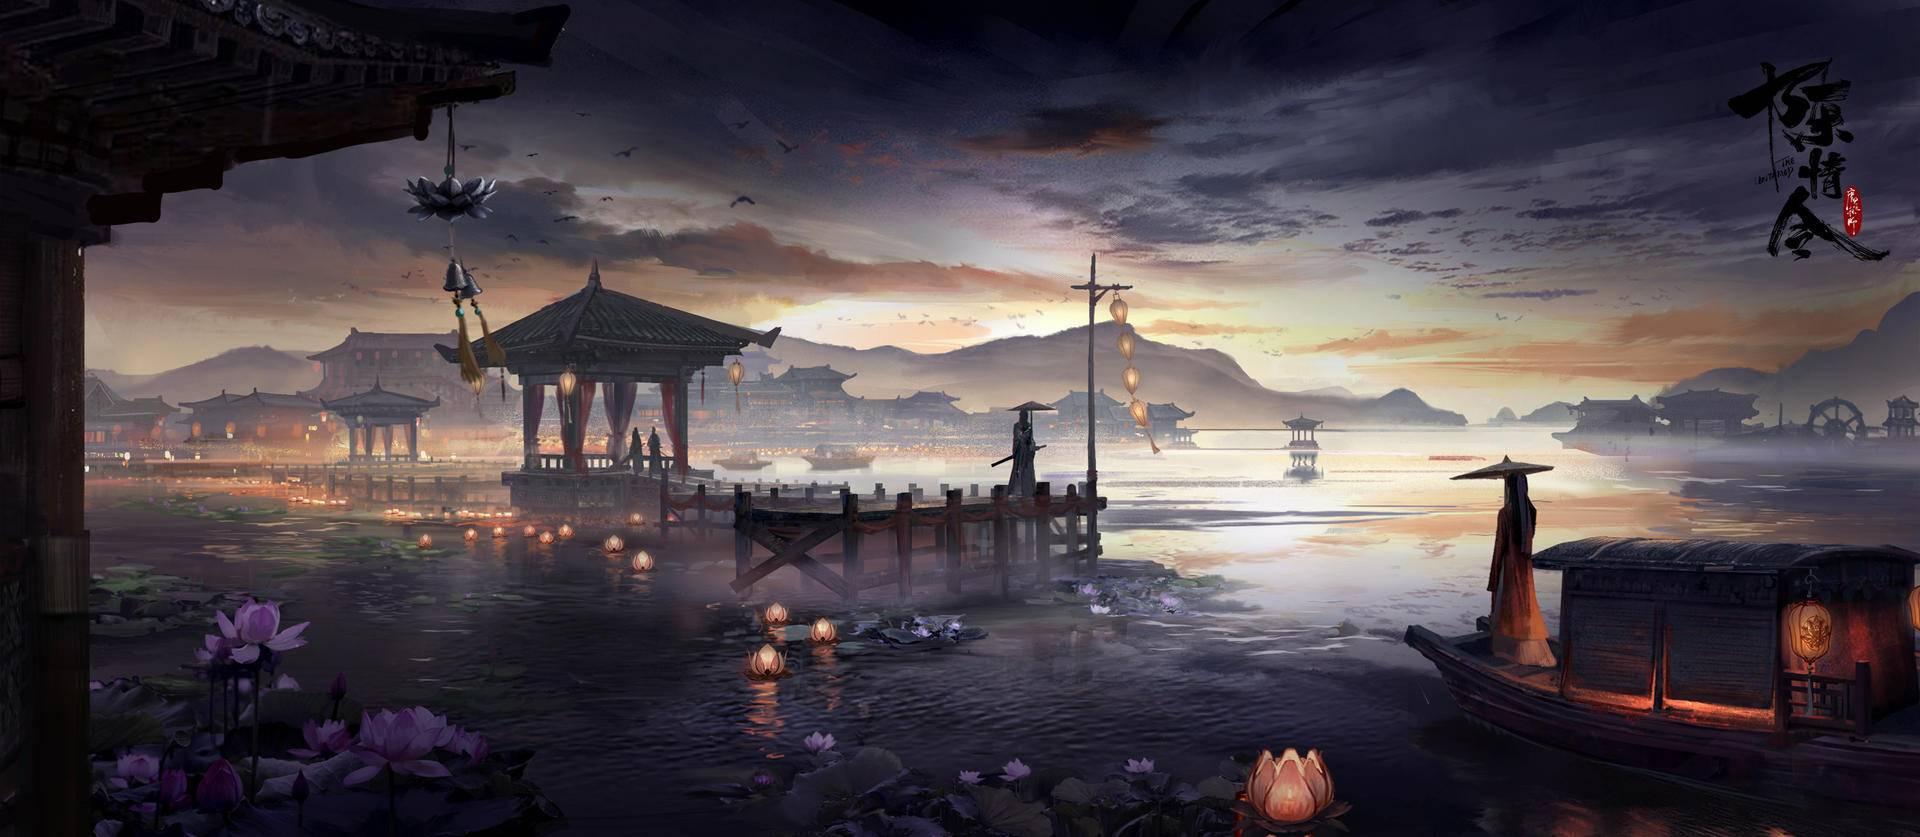 分镜配乐被质疑抄袭《琅琊榜》,《陈情令》凭什么代言东方美学?